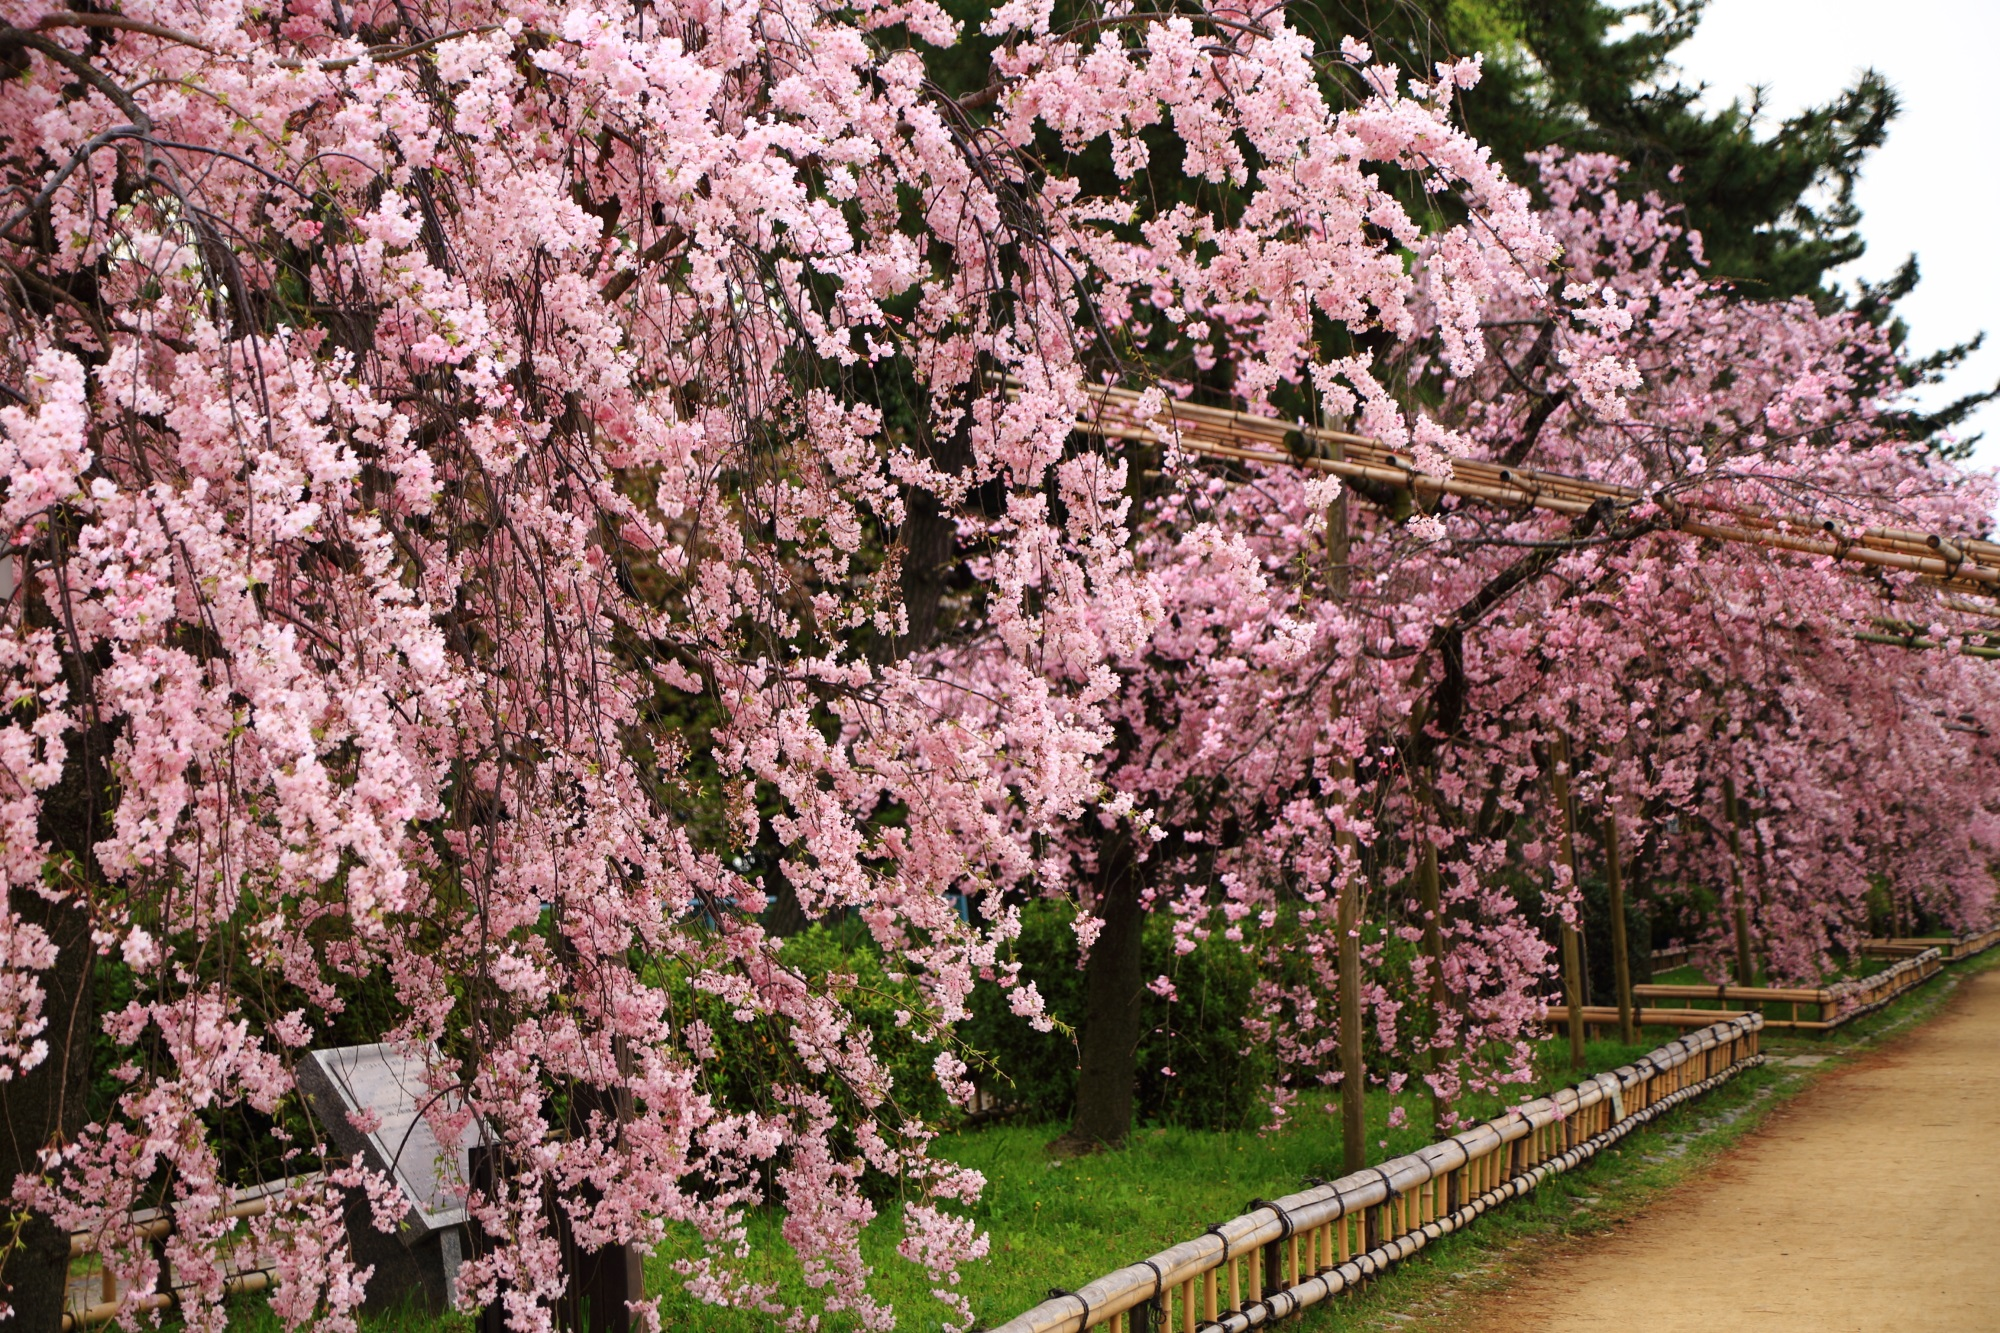 半木の道の優雅に咲き誇る満開のしだれ桜